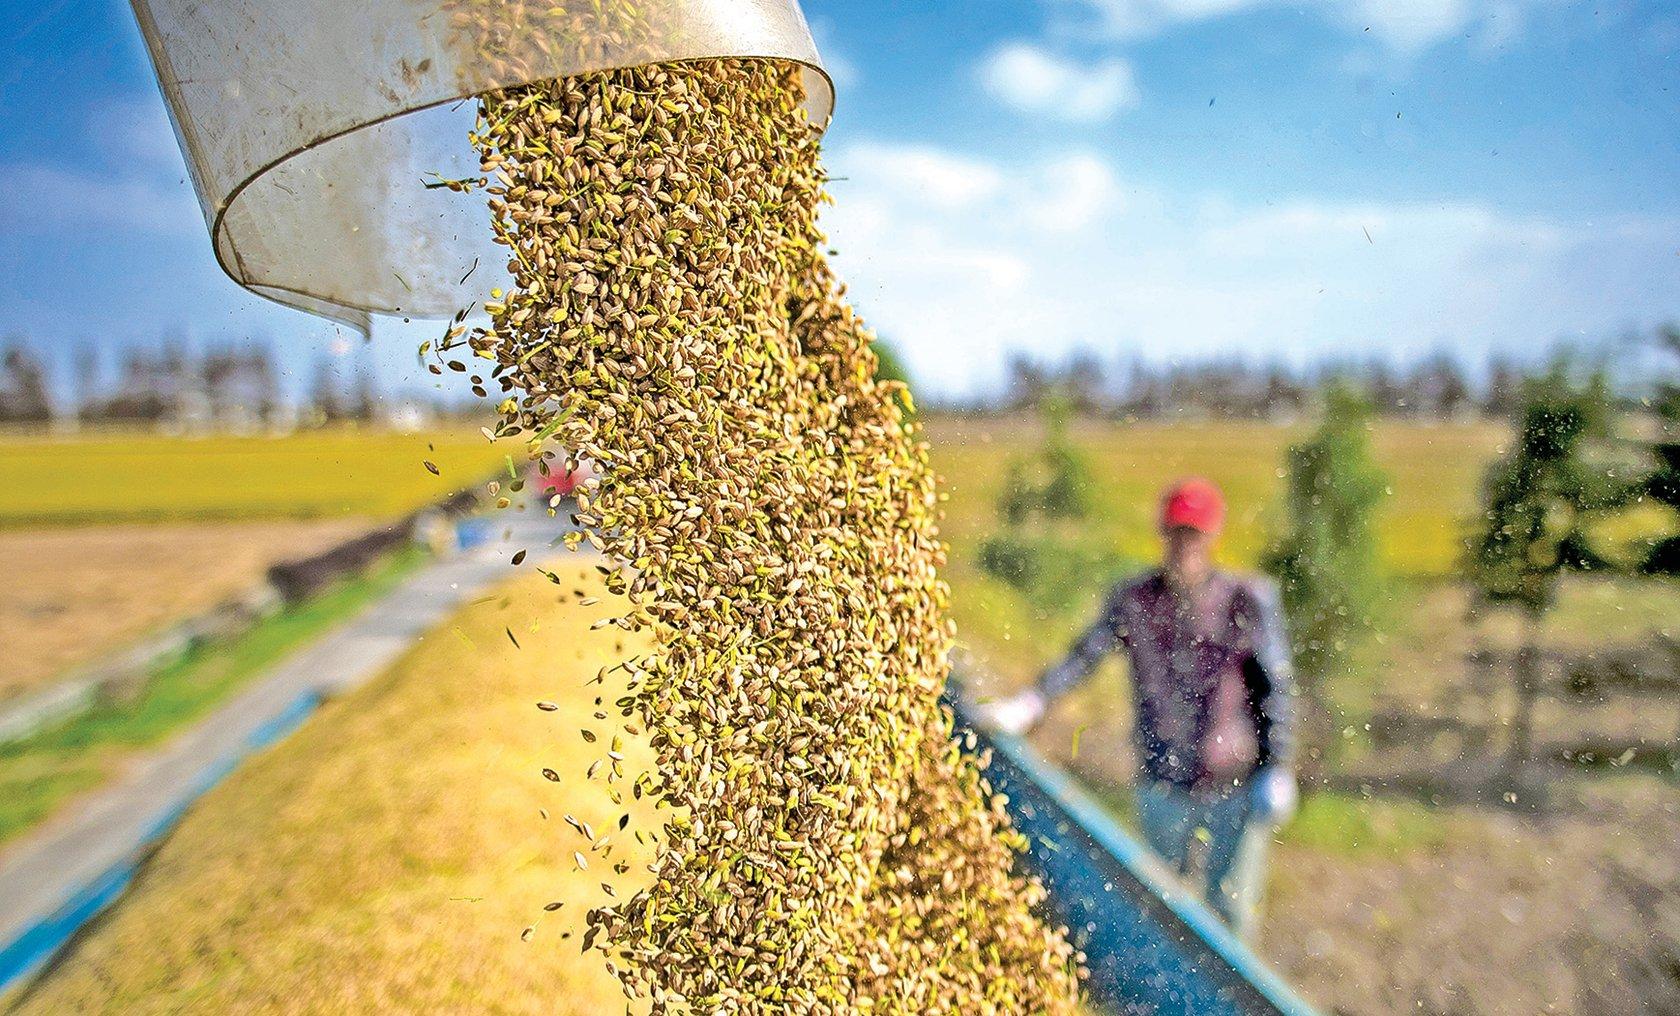 2020年1到12月中國糧食累計進口14,262.1萬噸,比此前大幅增長,引發關注。(AFP)